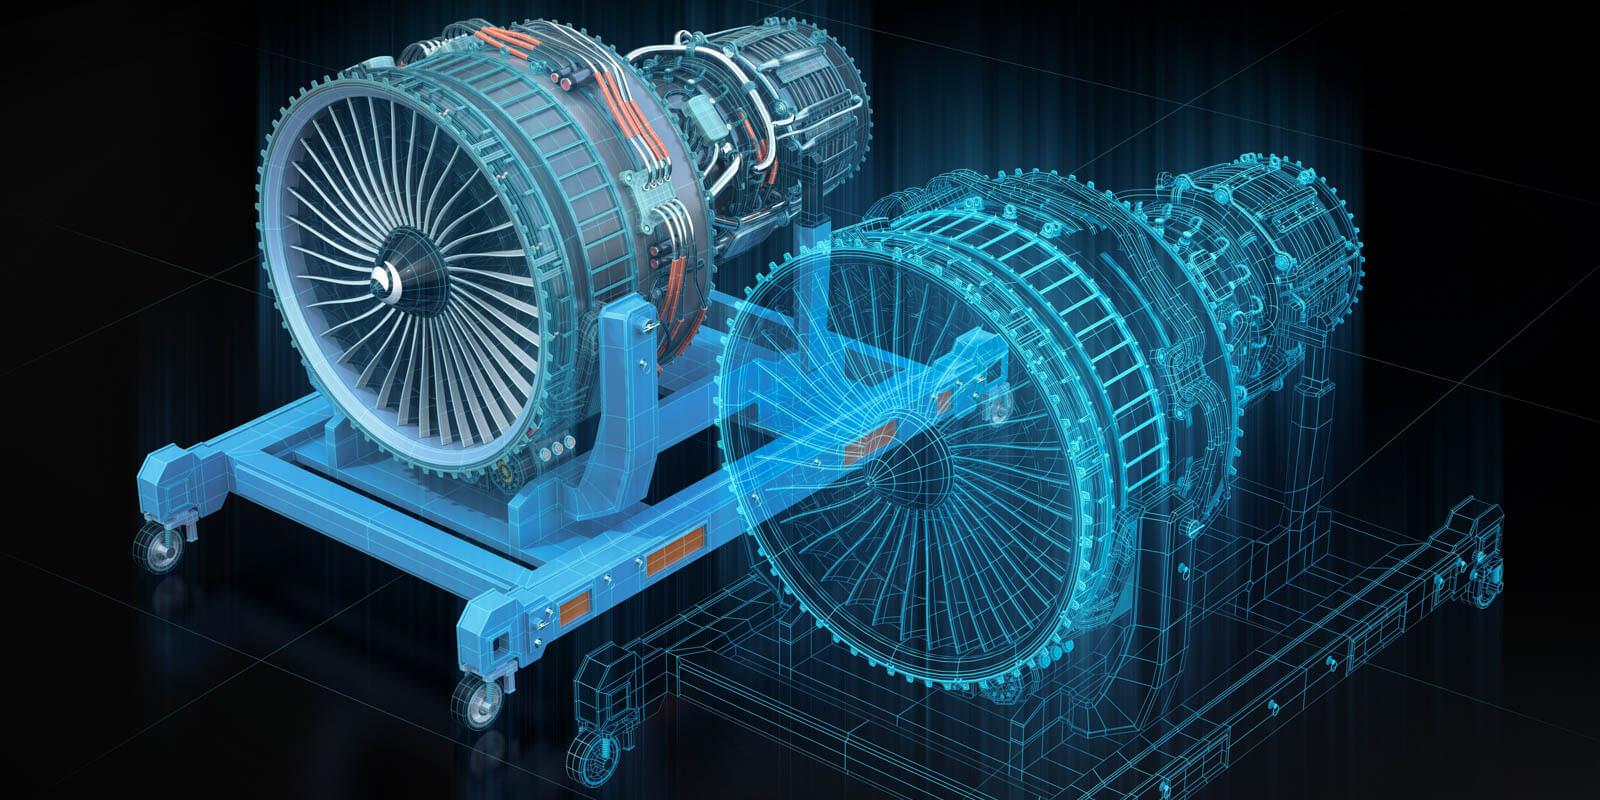 Der digitale Zwilling einer Turbine